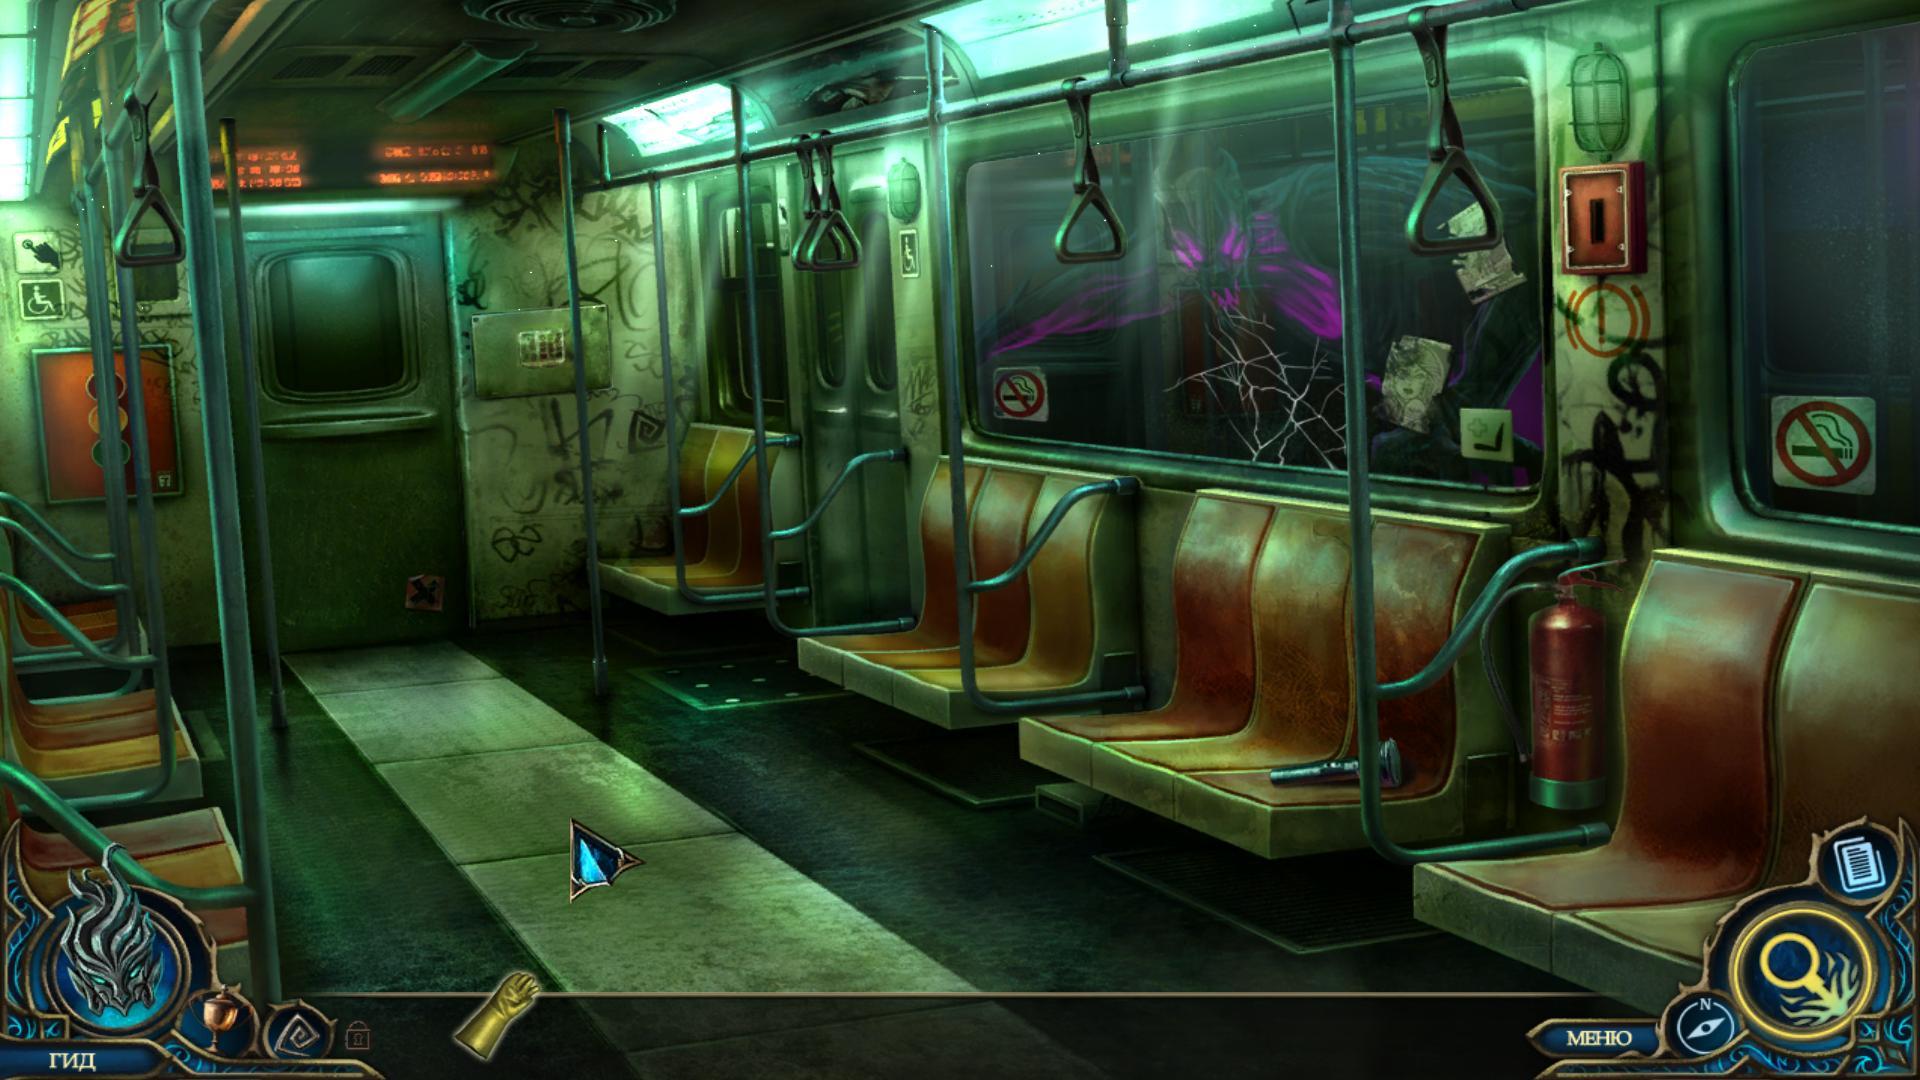 Обряд посвящения 7: Меч и ярость / Rite of Passage: The Sword and the Fury. CE (2017) PC